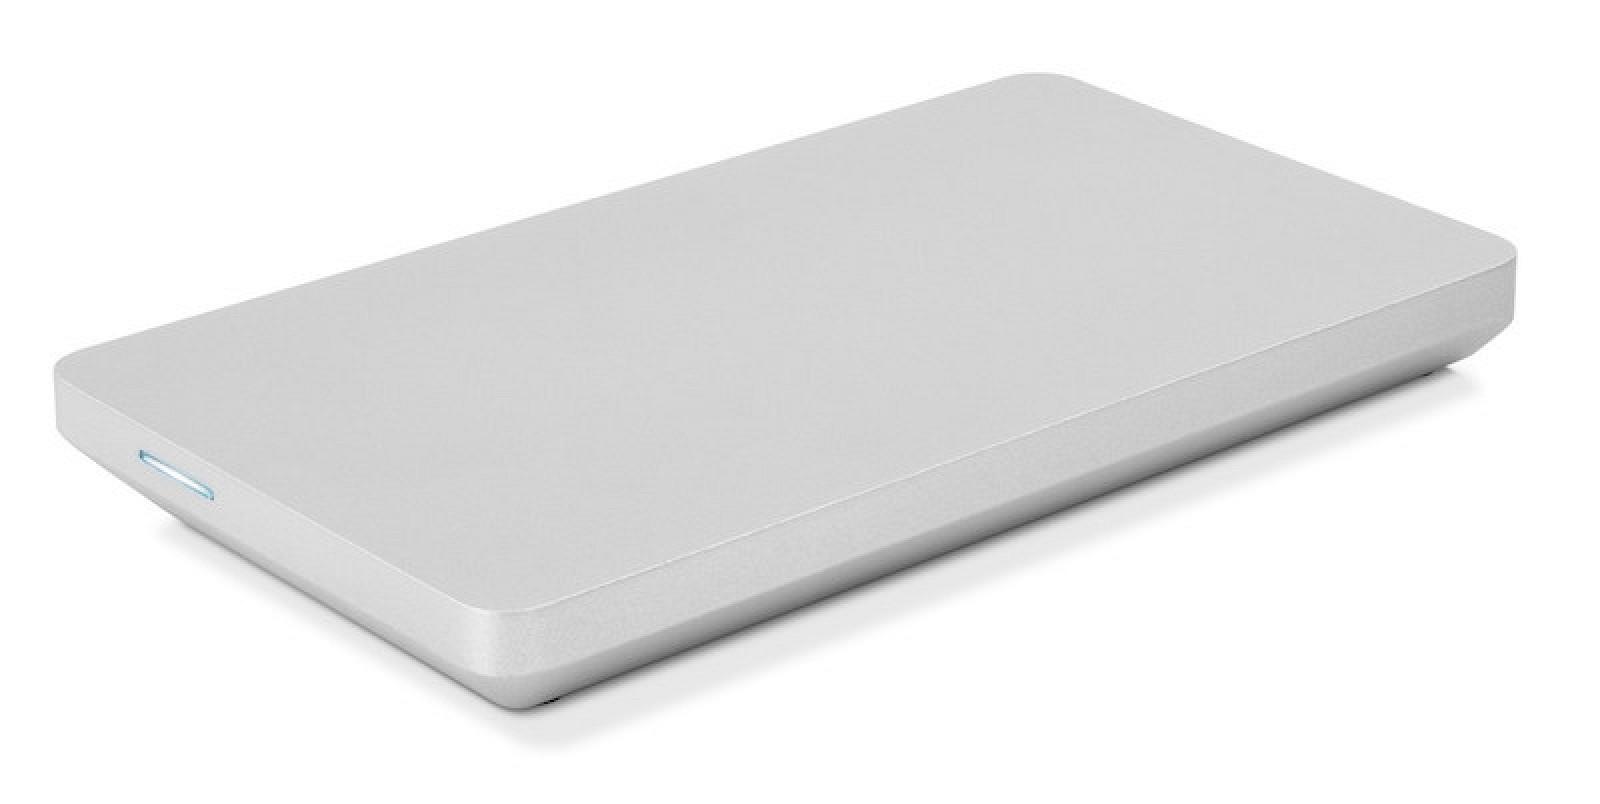 OWC presenta el 'SSD USB-C más rápido' con hasta 2TB de almacenamiento y compatibilidad Thunderbolt 3